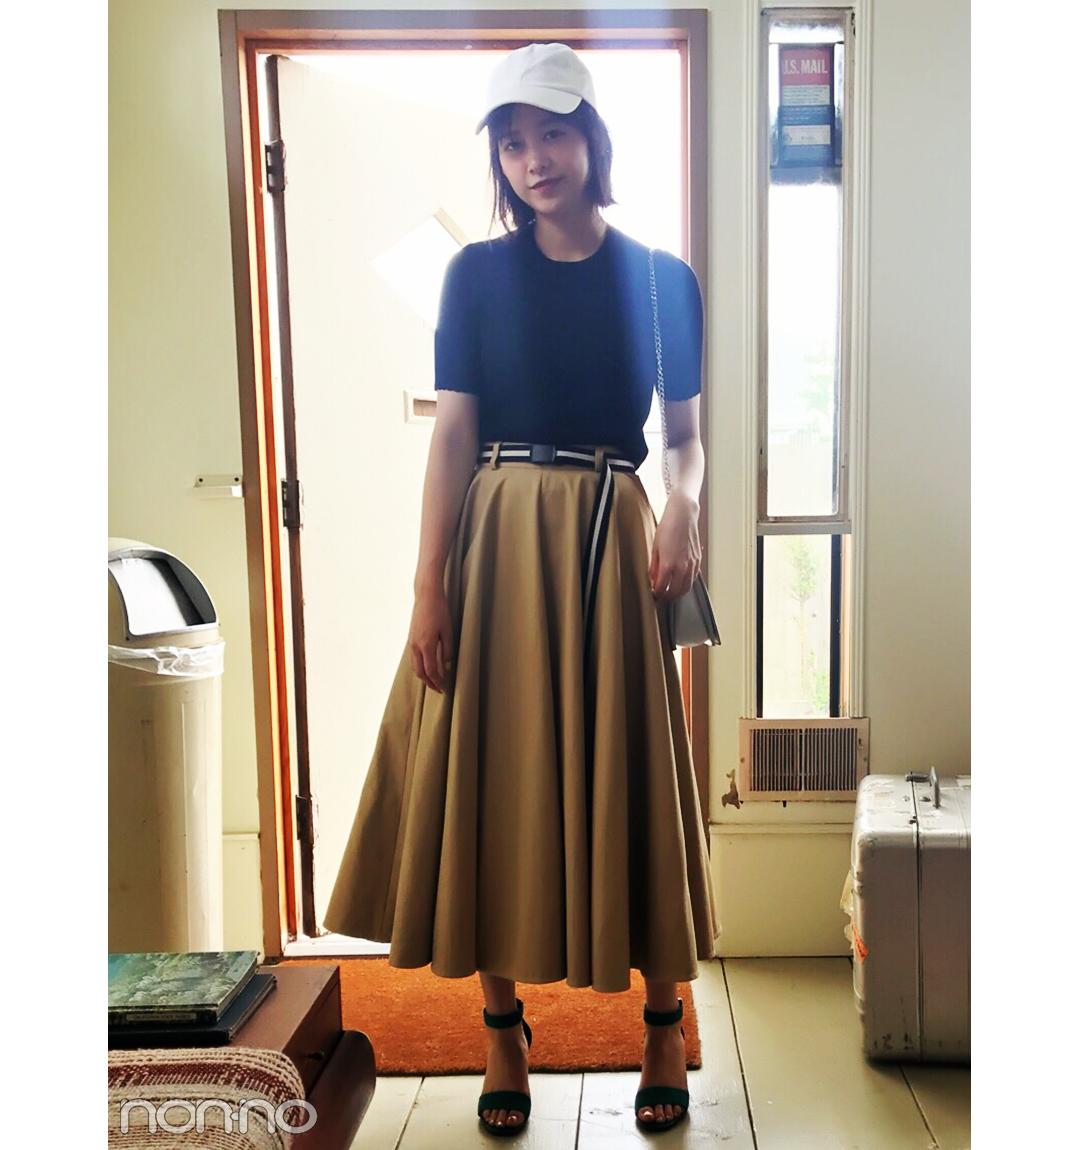 渡邉理佐はヒット中のチノスカートをカジュアル可愛く♡【毎日コーデ】_1_1